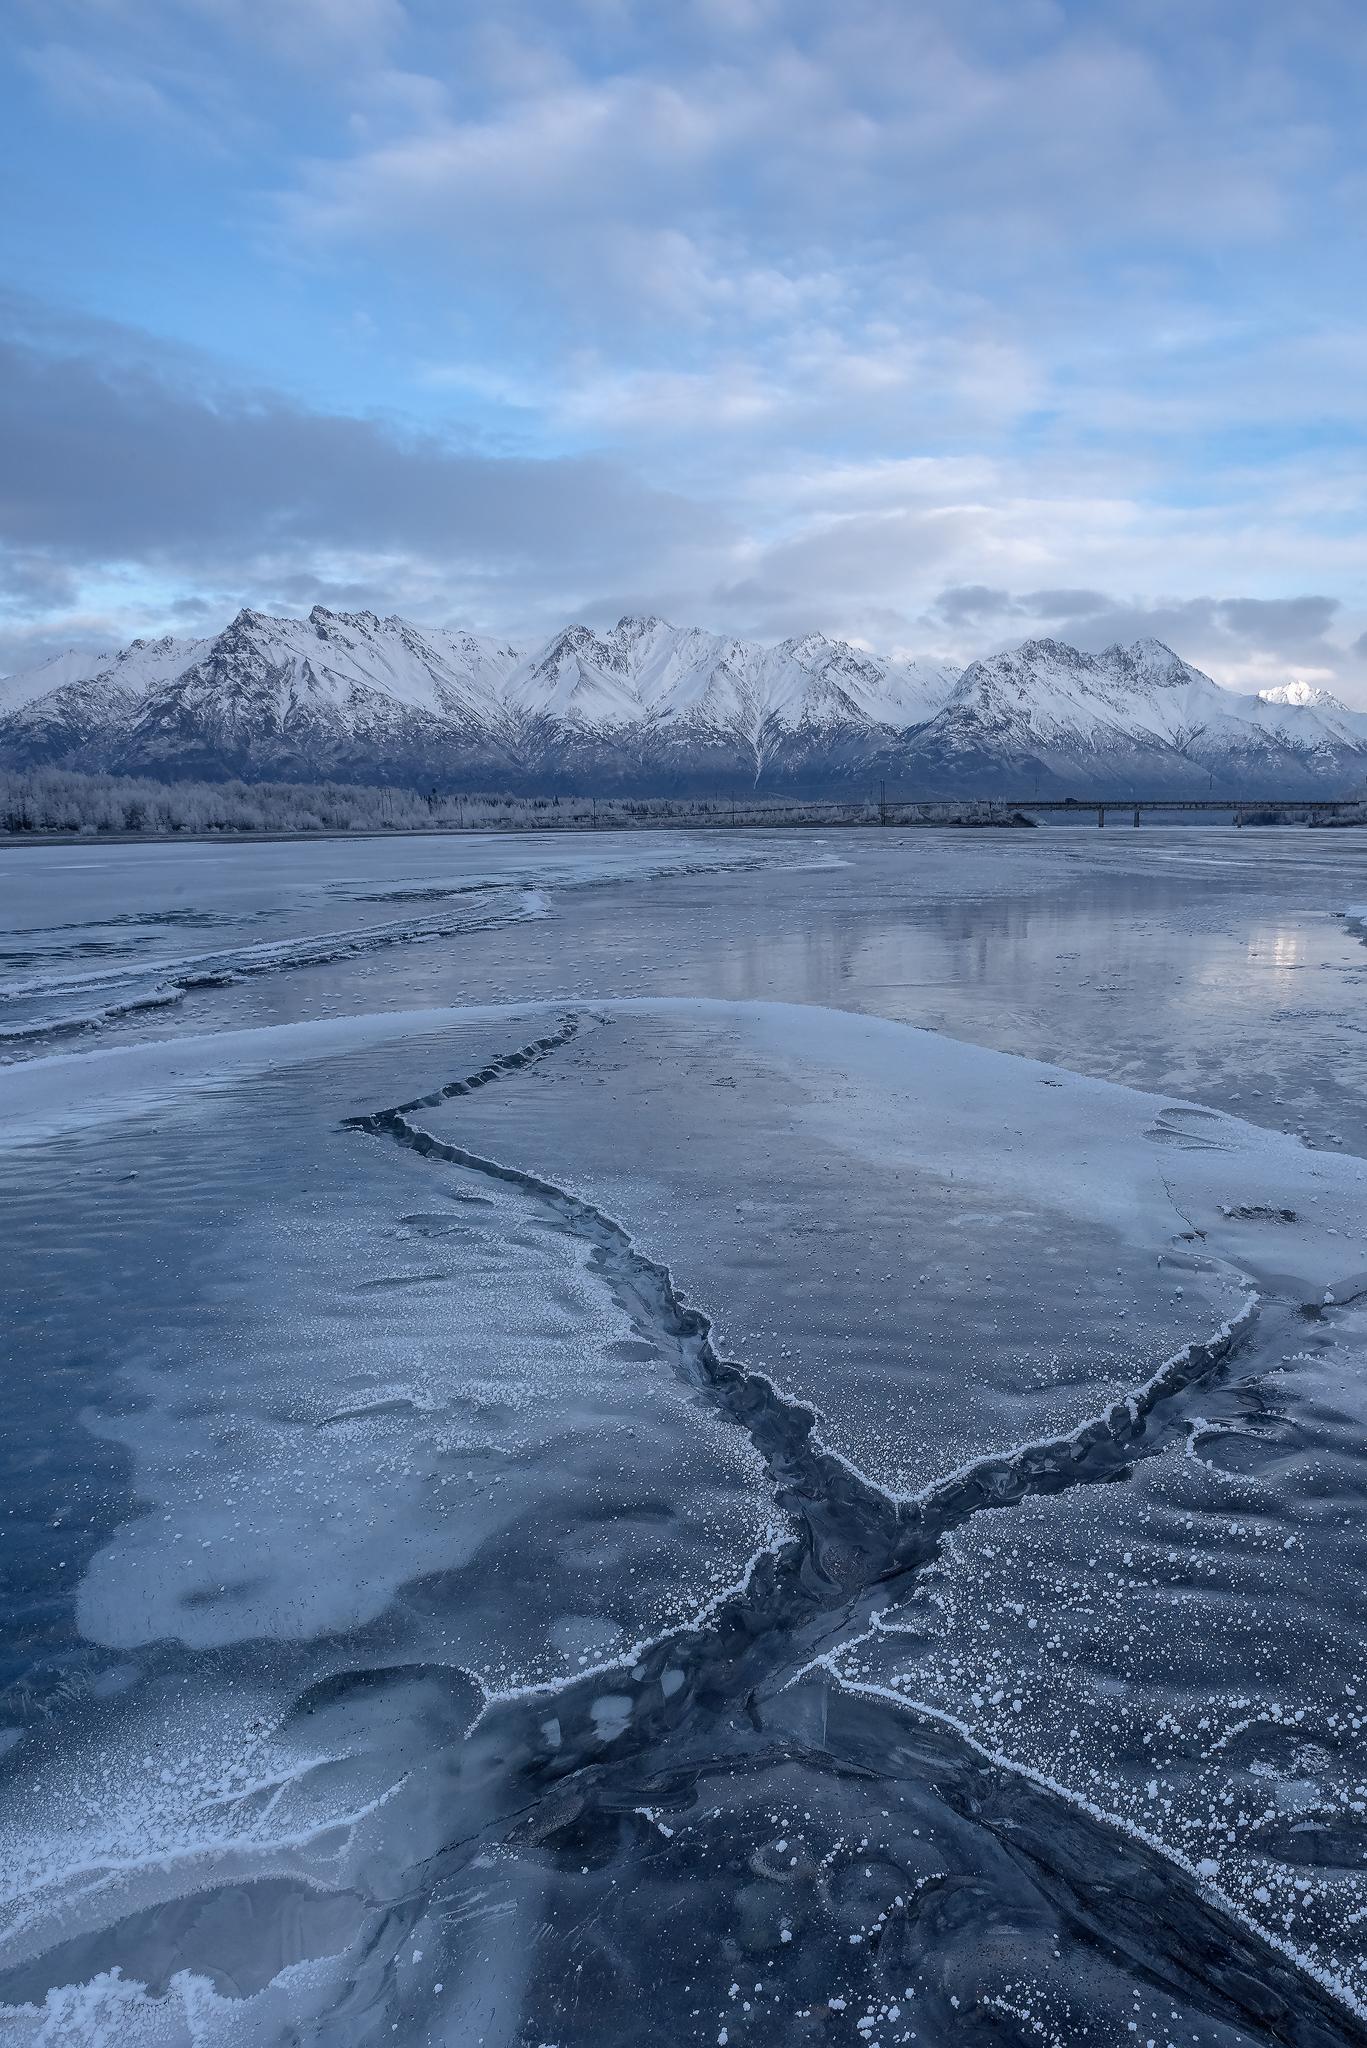 Knik River Alaska Ice